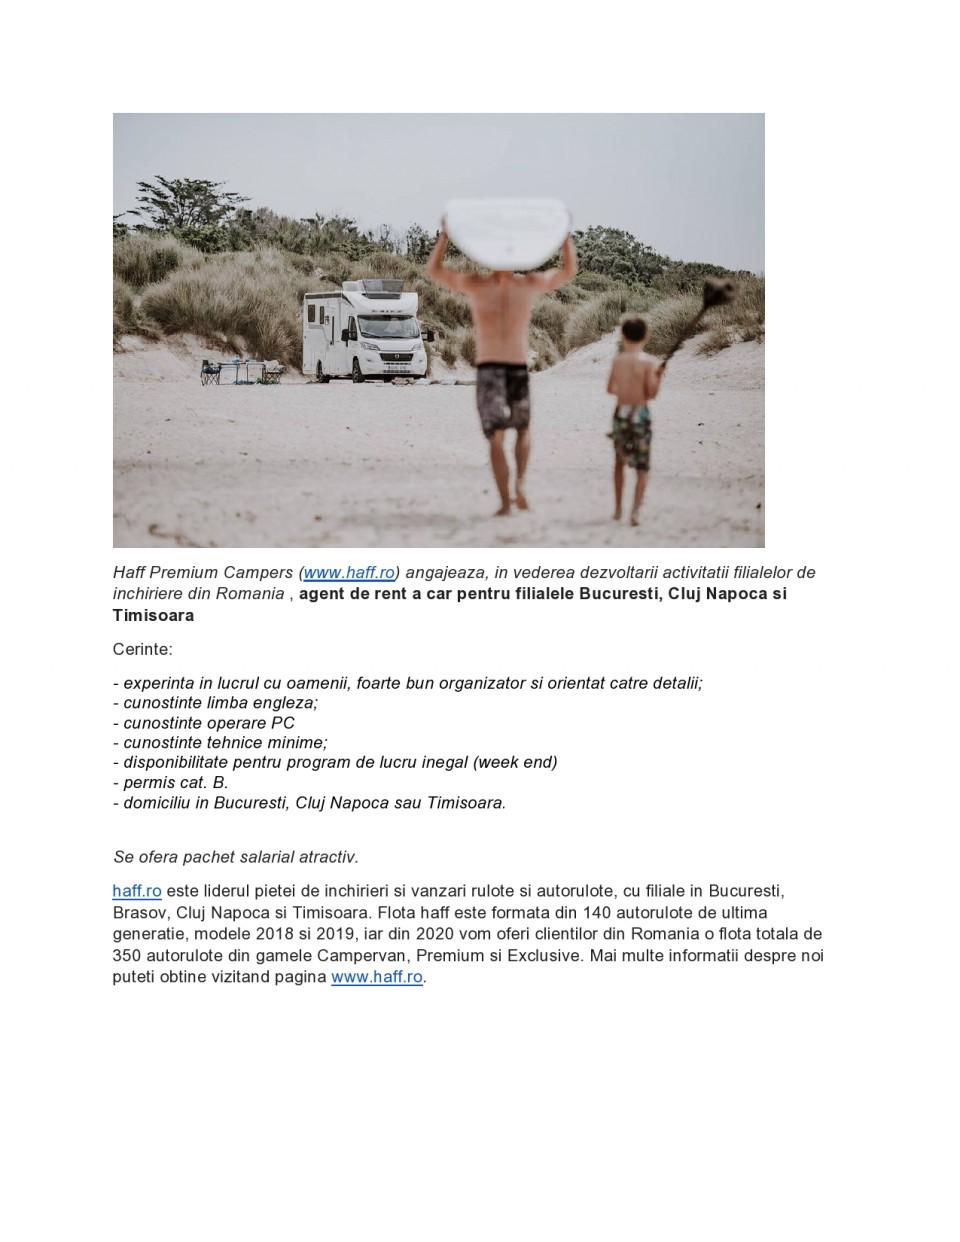 Haff Premium Campers (www.haff.ro) angajeaza, in vederea dezvoltarii activitatii filialelor de inchiriere din Romania , agent de rent a car pentru filialele Bucuresti, Cluj Napoca si Timisoara Cerinte:   - experinta in lucrul cu oamenii, foarte bun organizator si orientat catre detalii; - cunostinte limba engleza; - cunostinte operare PC - cunostinte tehnice minime; - disponibilitate pentru program de lucru inegal (week end) - permis cat. B. - domiciliu in Bucuresti, Cluj Napoca sau Timisoara. Se ofera pachet salarial atractiv. Va rugam trimiteti CV-ul dumneavoastra prin e-mail : florin@haff.ro.     haff.ro este liderul pietei de inchirieri si vanzari rulote si autorulote, cu filiale in Bucuresti, Brasov, Cluj Napoca si Timisoara. Flota haff este formata din 140 autorulote de ultima generatie, modele 2018 si 2019, iar din 2020 vom oferi clientilor din Romania o flota totala de 350 autorulote din gamele Campervan, Premium si Exclusive. Mai multe informatii despre noi puteti obtine vizitand pagina www.haff.ro.